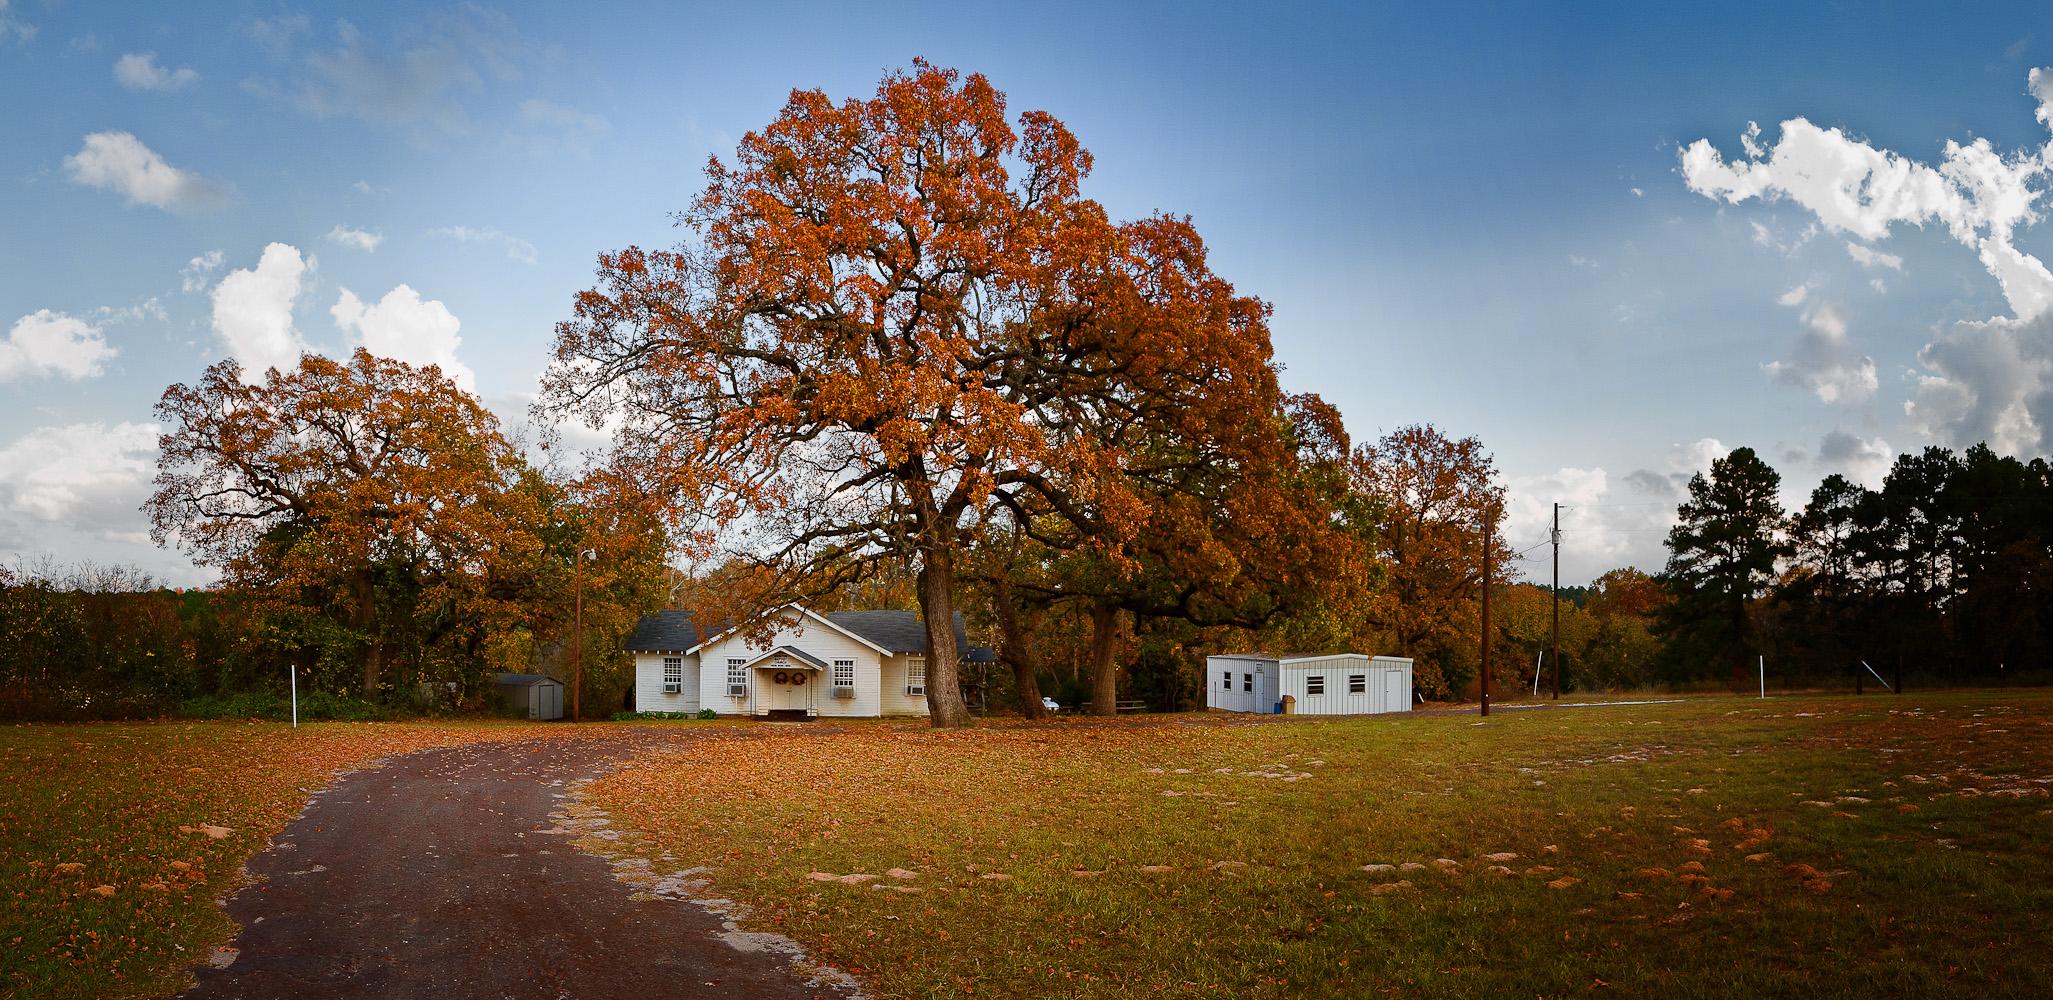 Pano-LSS_PHOTO-©_2010-Ironton_Baptist_Church-Autumn.jpg